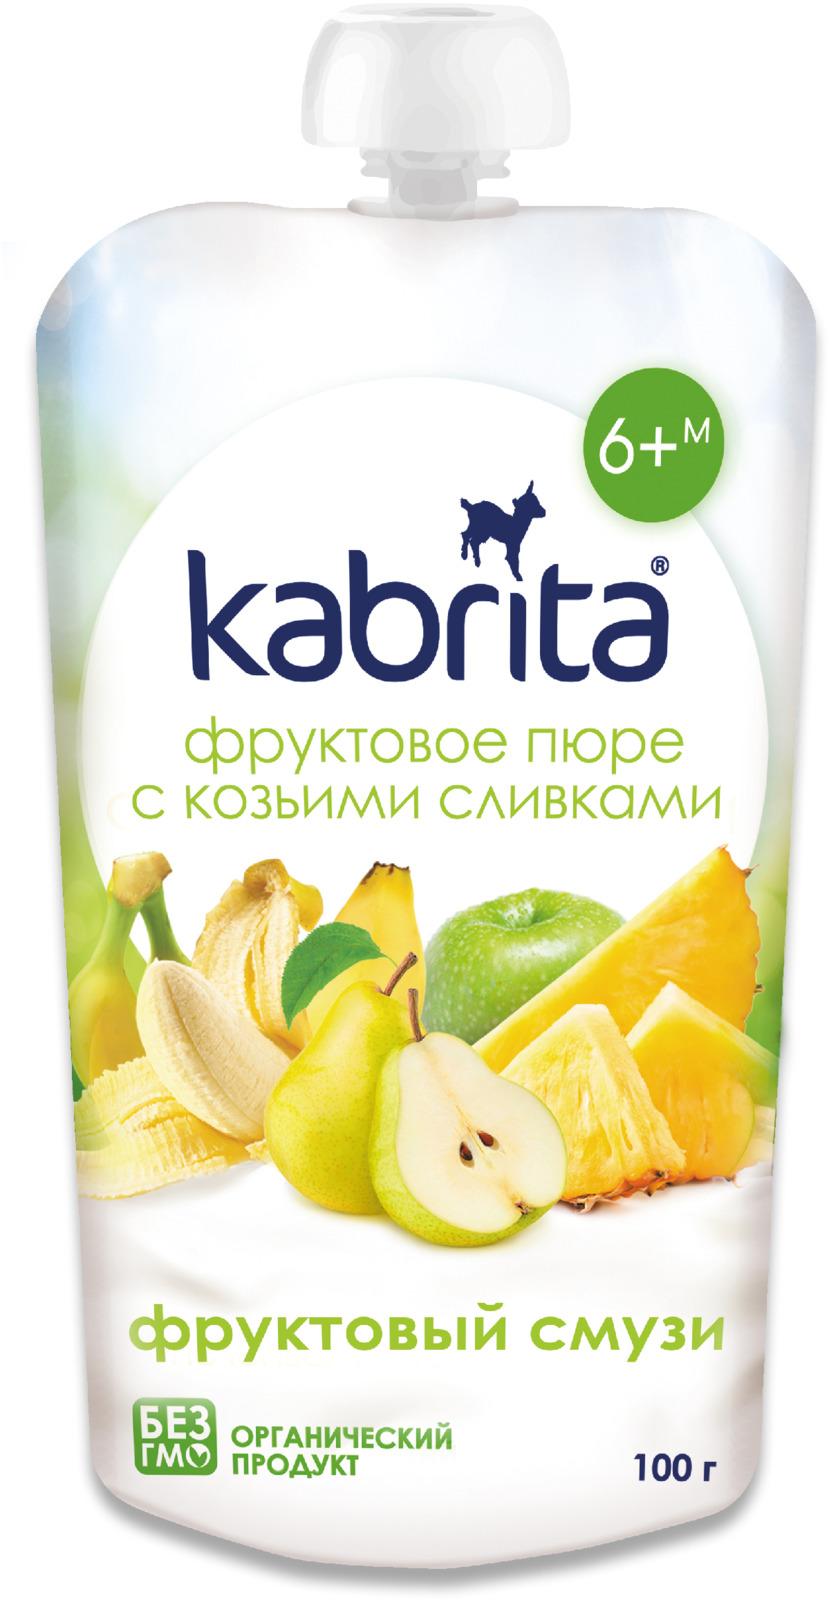 Пюре для детей Kabrita Фруктовый смузи, с козьими сливками, 100 г цена